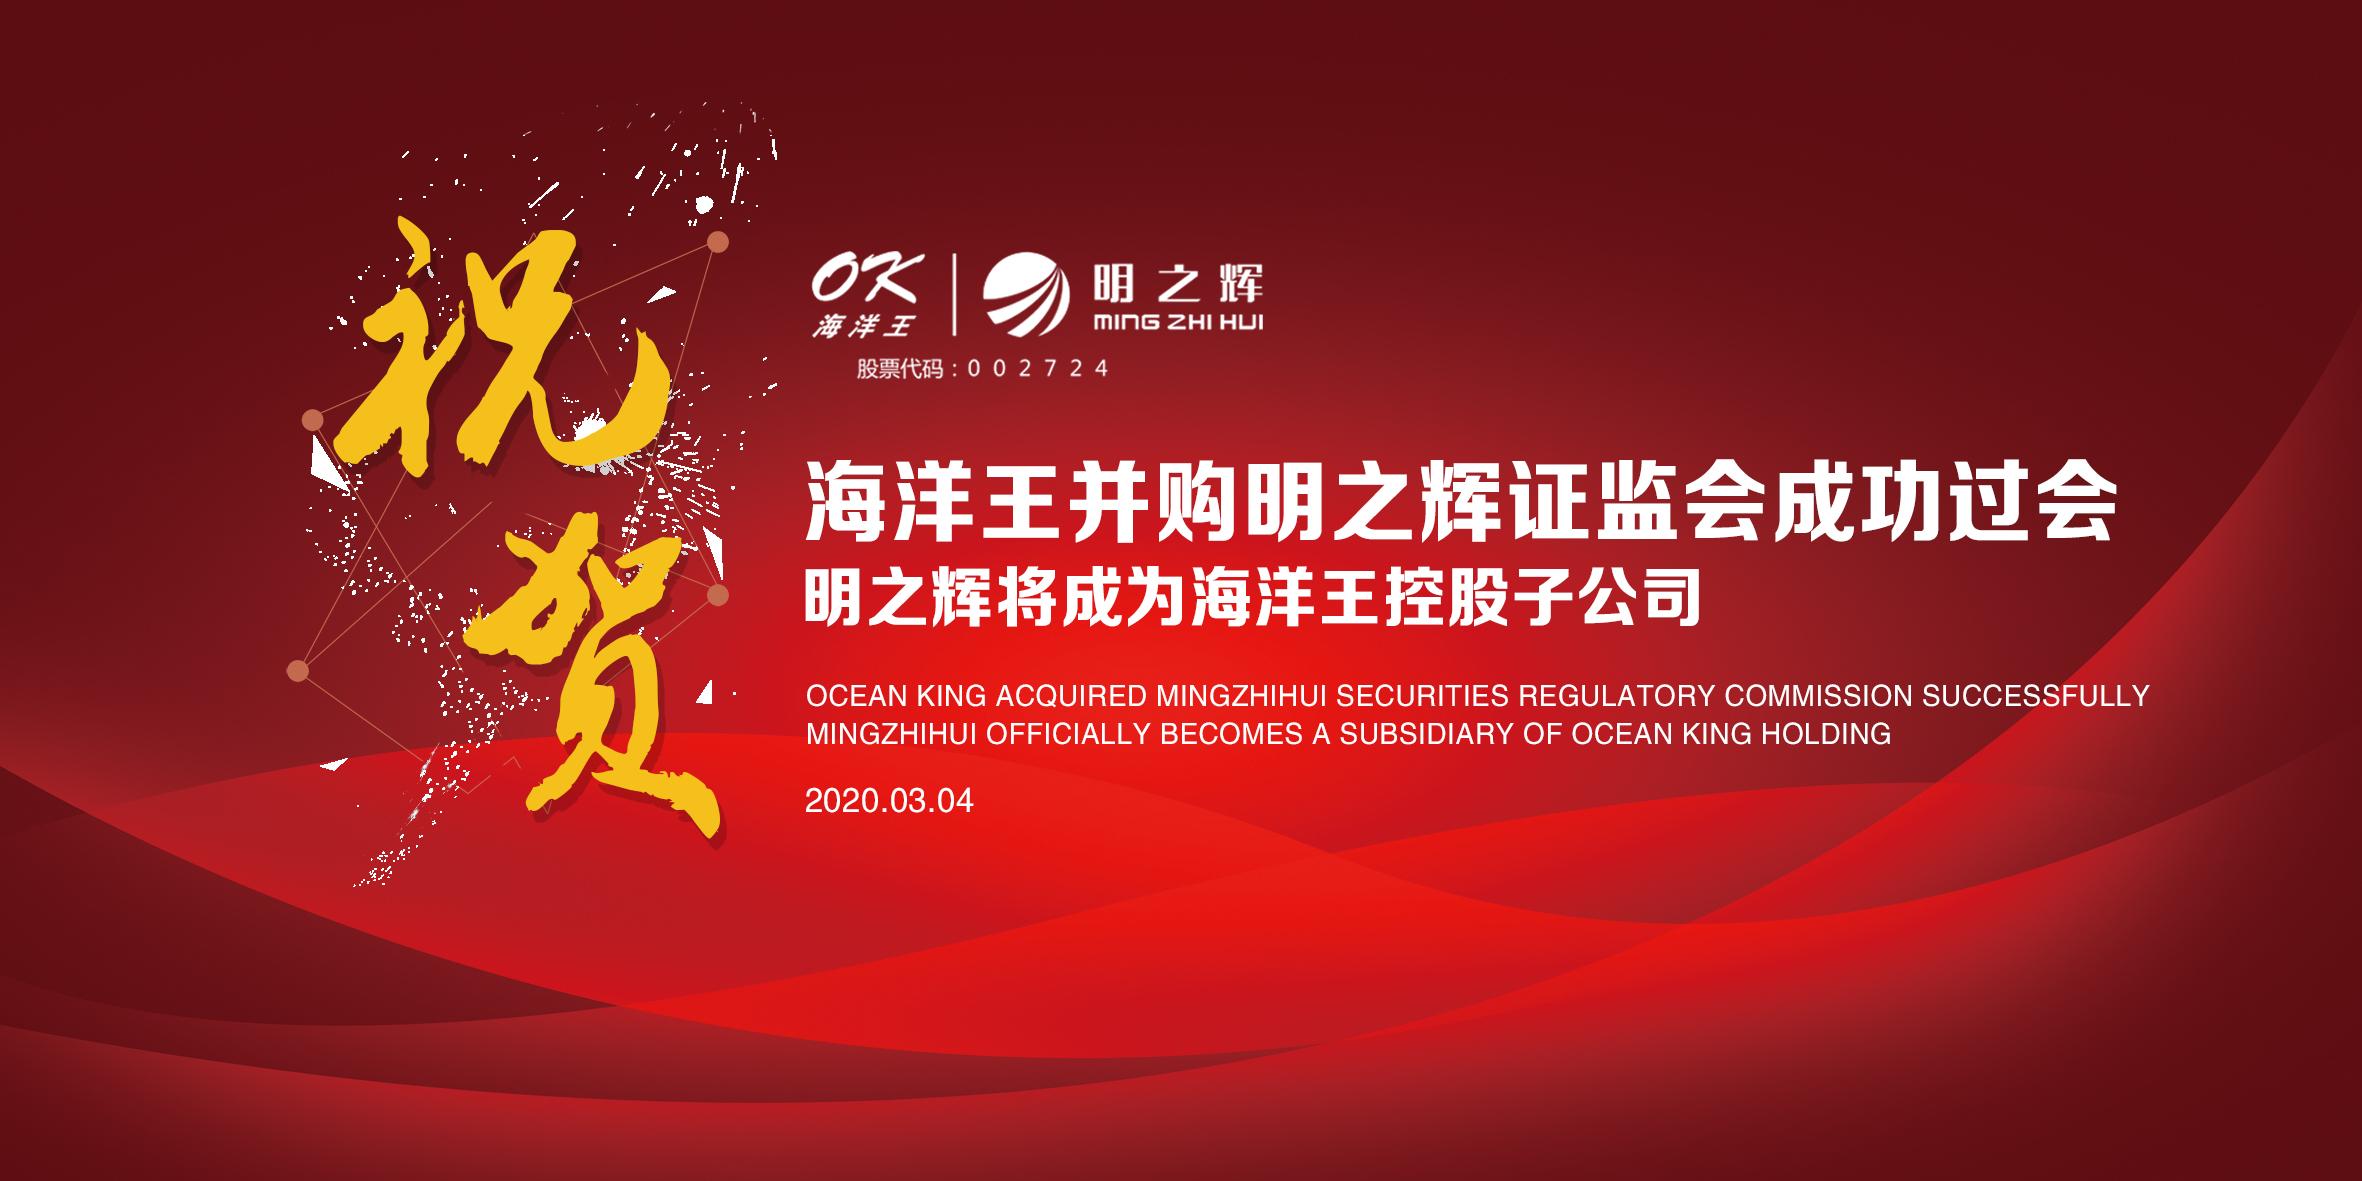 热烈祝贺明之辉将正式成为海洋王(股票代码:002724)控股子公司